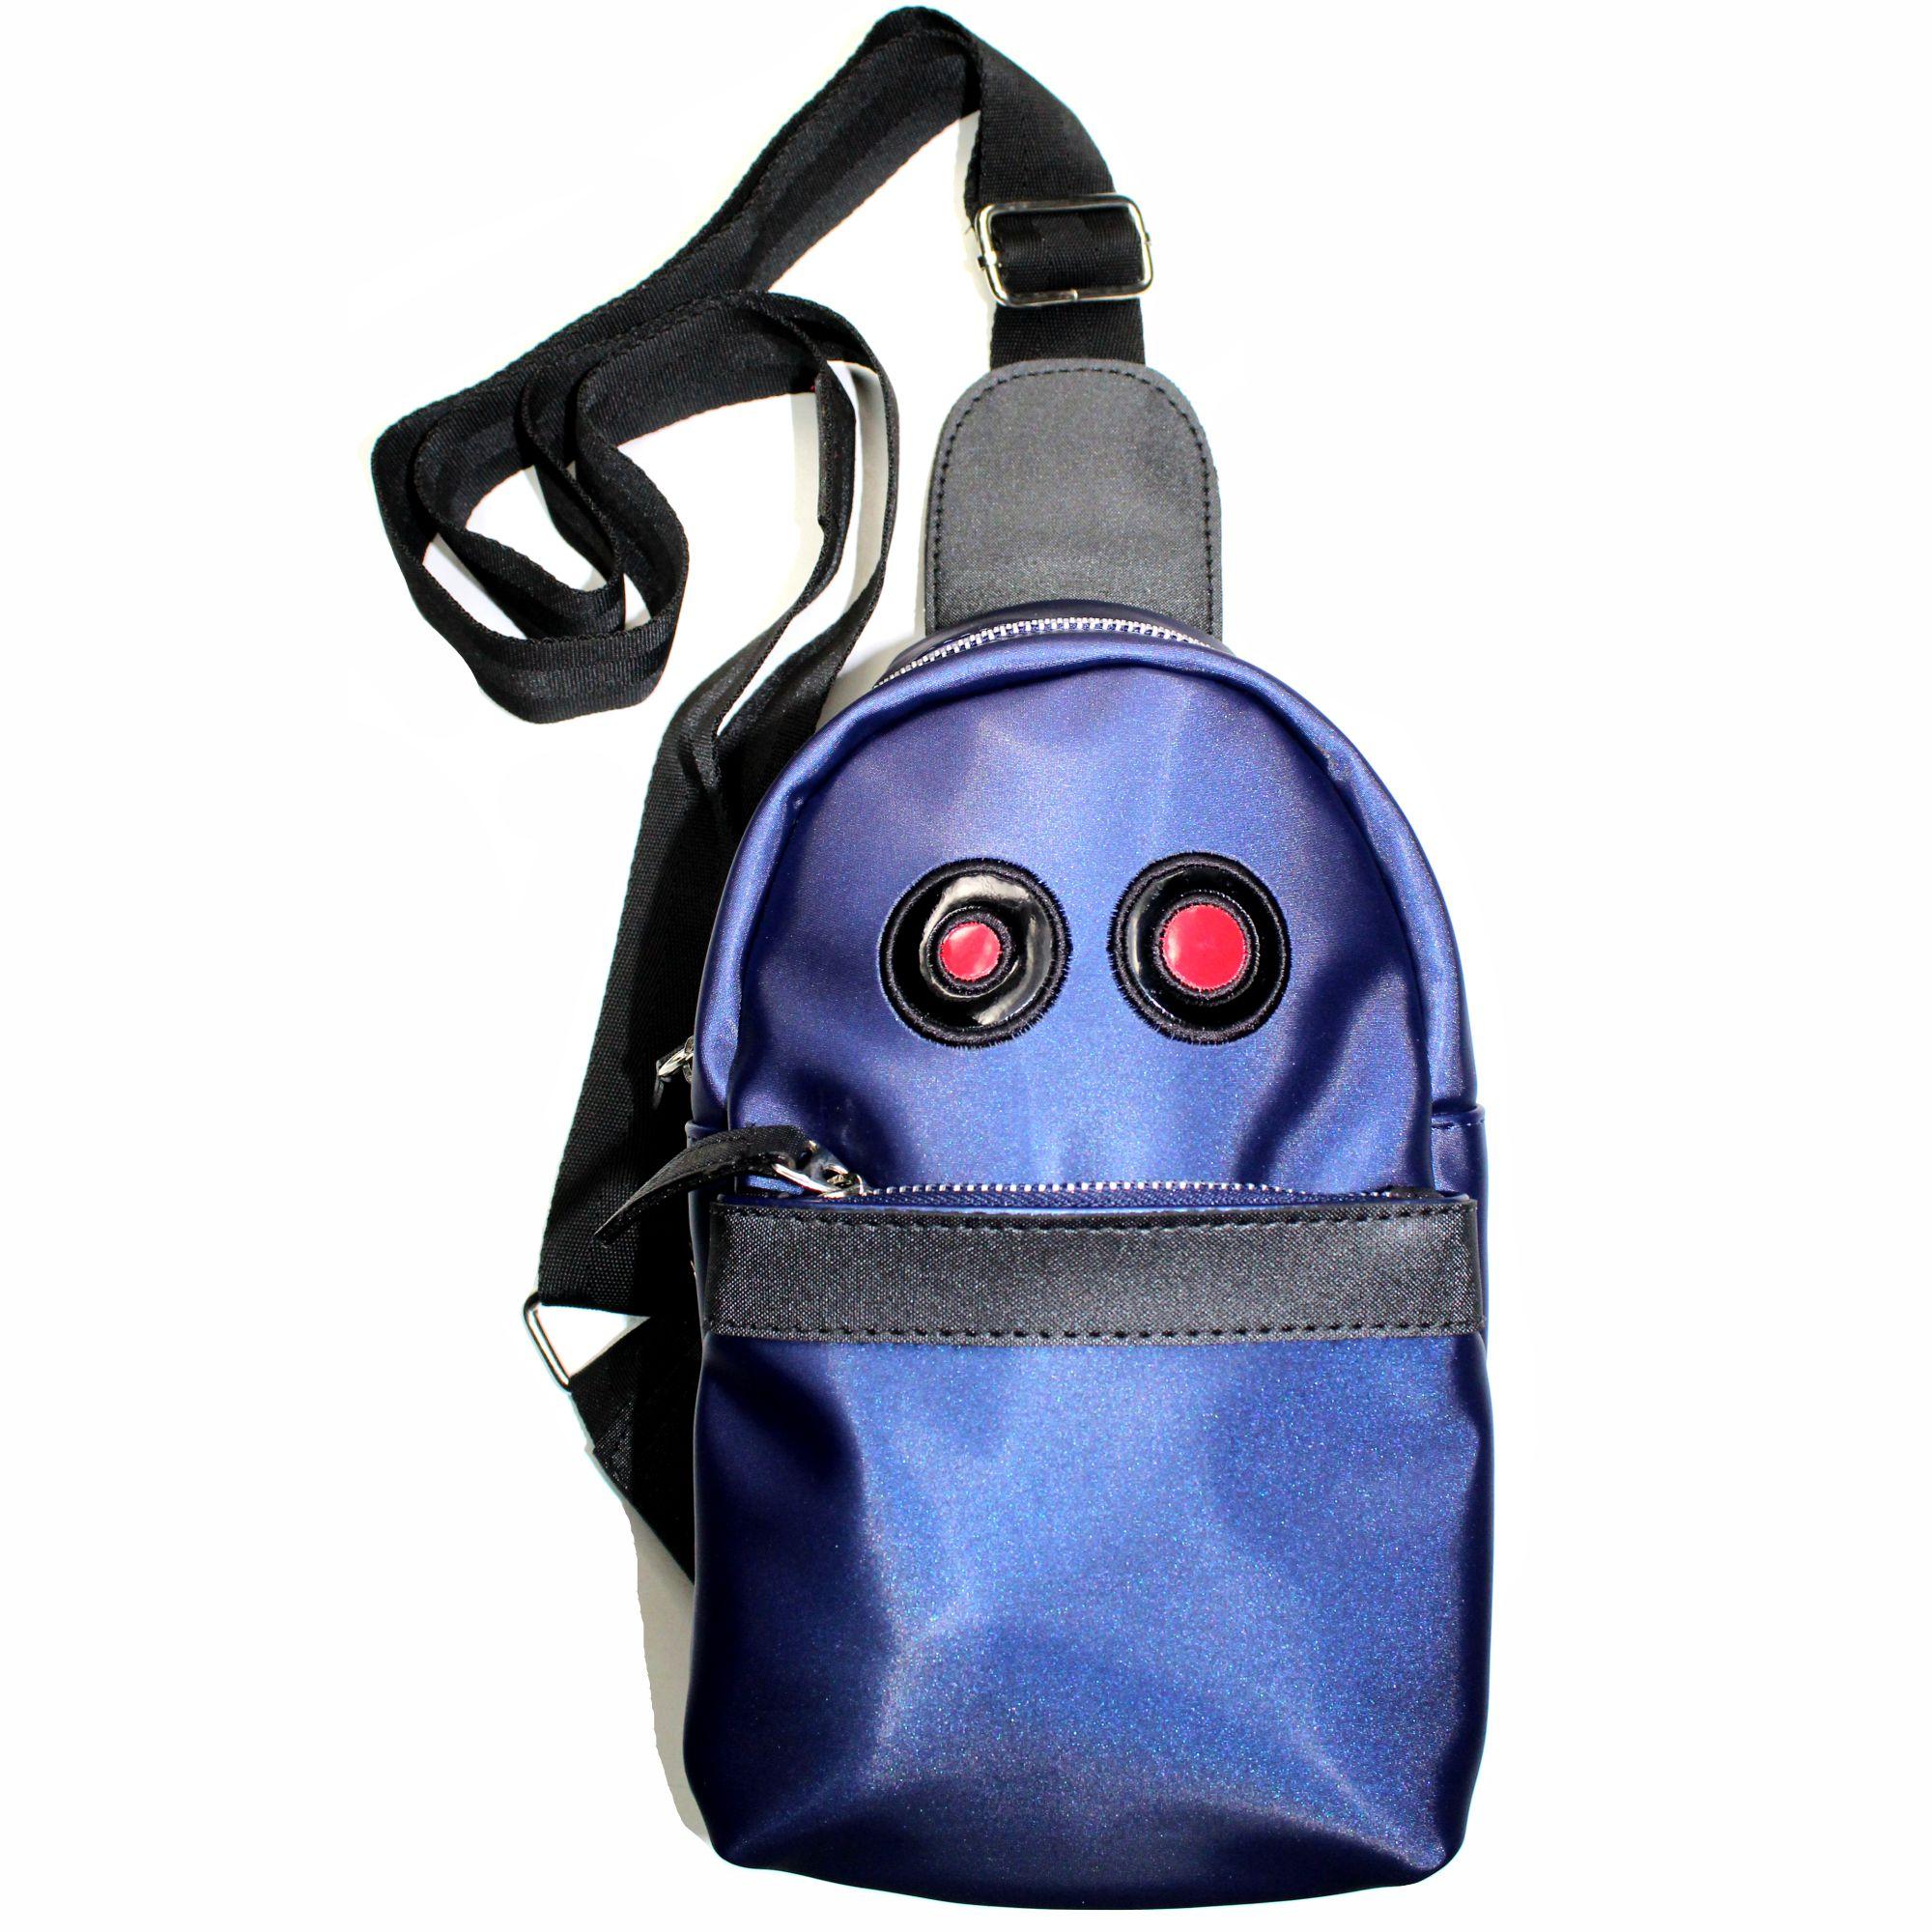 ref 1600 Unisex Carriel Mini azul, material sintetico resistente brillante, talla unica